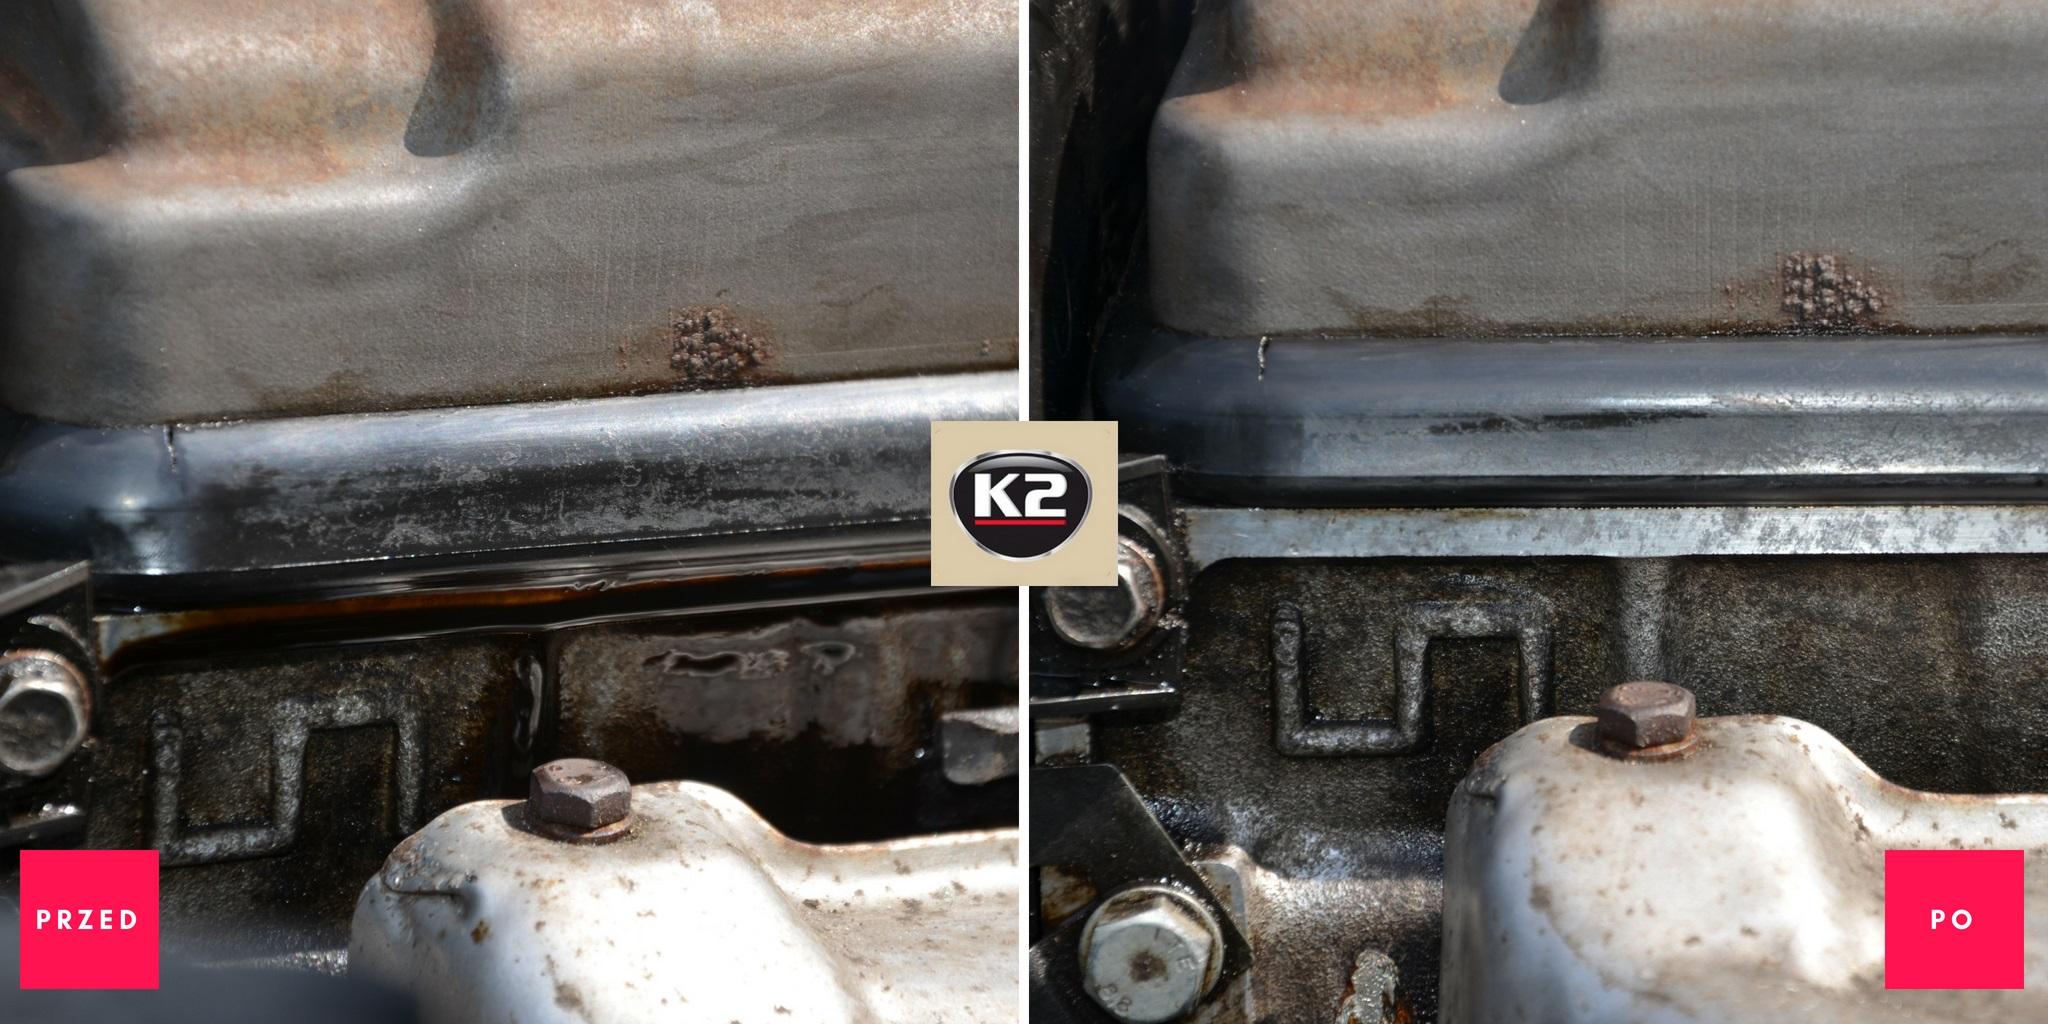 Wyciek oleju przed i po użyciu K2 Moto Doktor